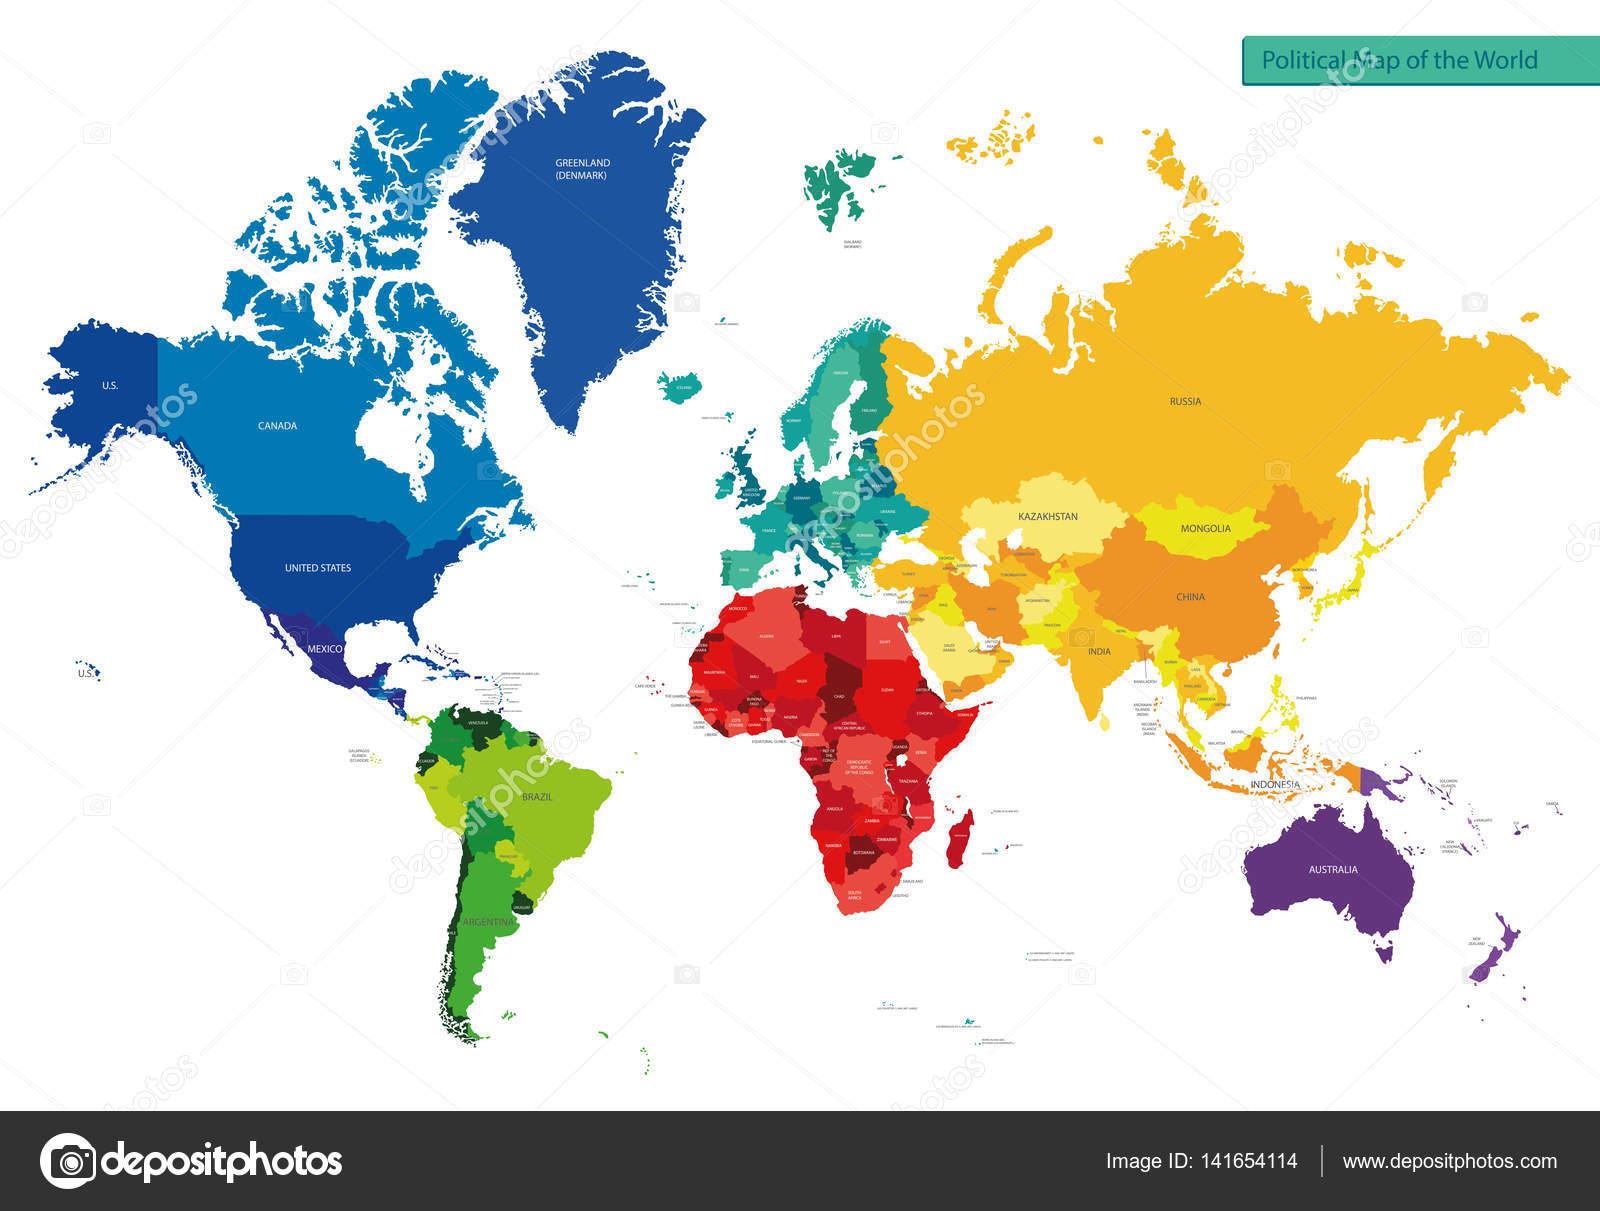 mapa politico do mundo Mapa Político Mundo — Vetor de Stock © martinova4 #141654114 mapa politico do mundo